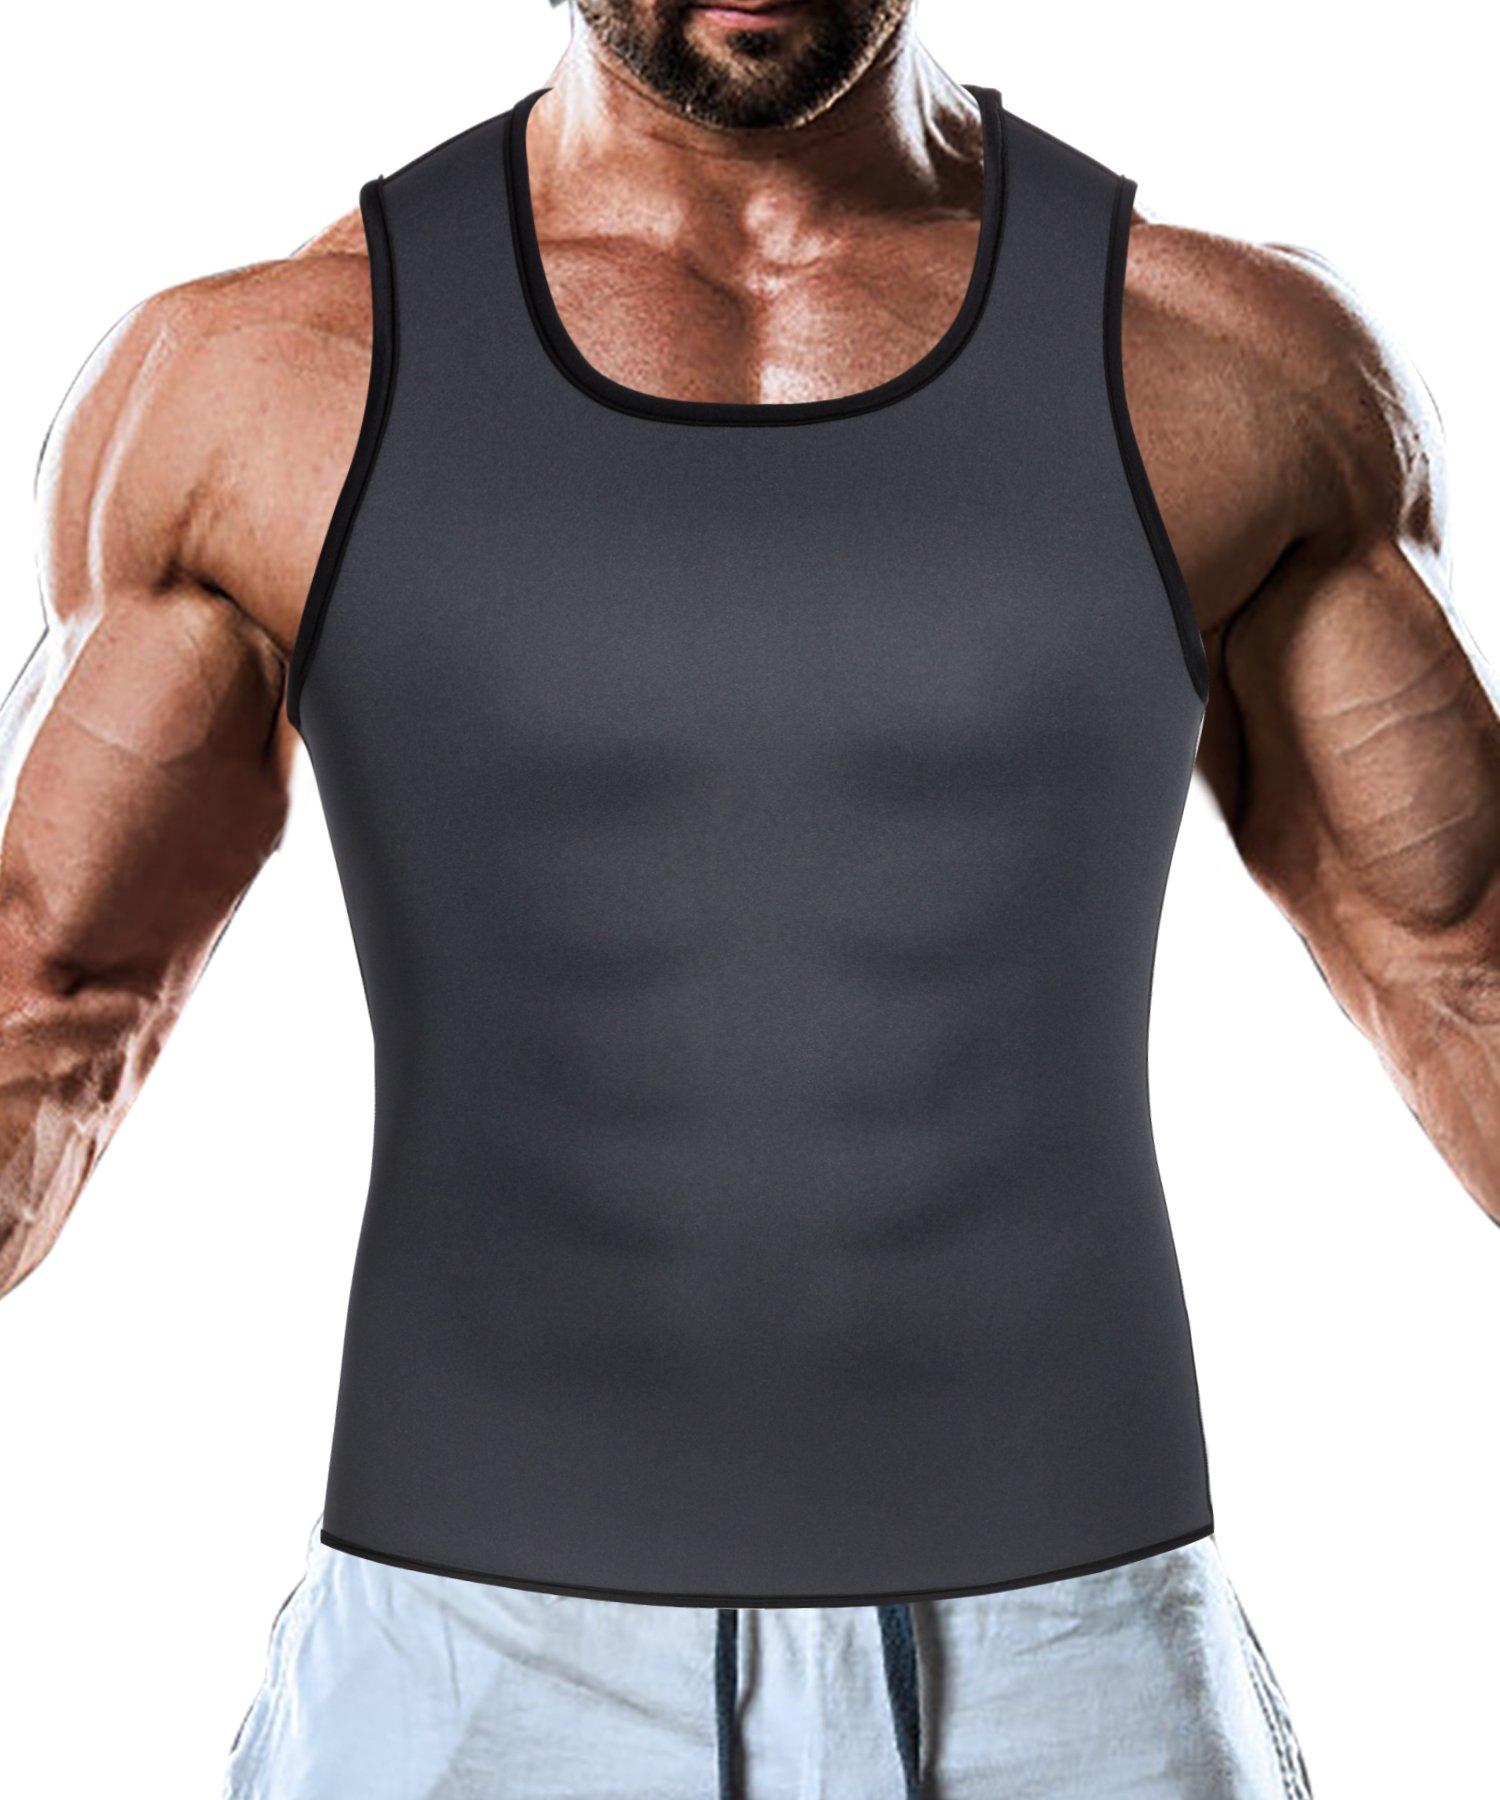 Men Waist Trainer Corset Vest for Weight Loss Hot Neoprene Body Shaper Tank Top Sauna Suit Shirt No Zip Trimmer (4XL, Black and Bule Inner Sauna Sweat Suits)